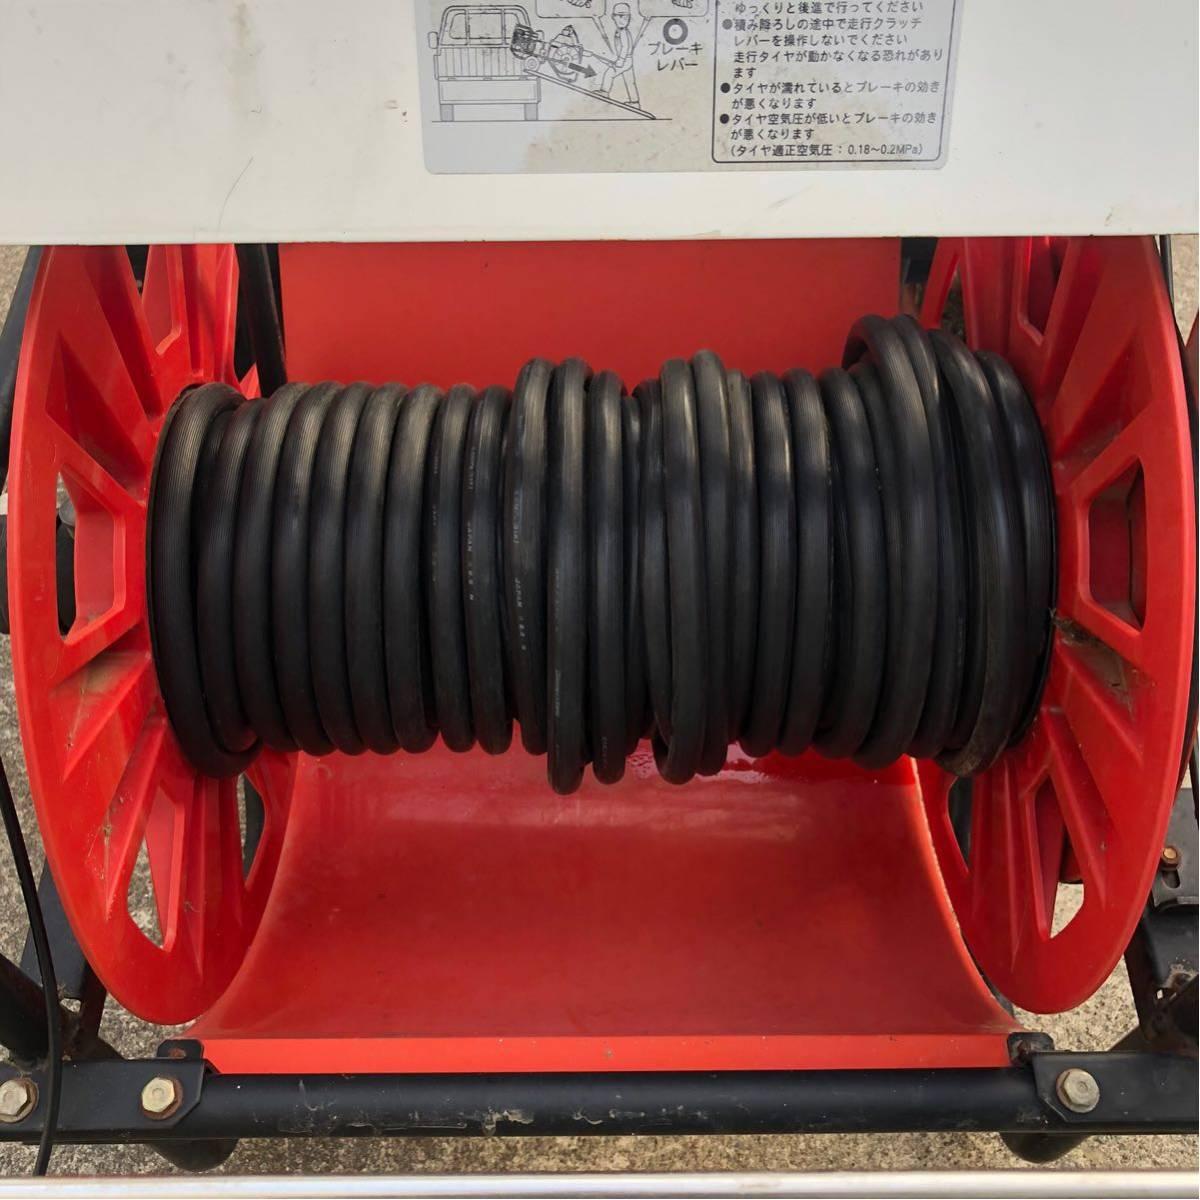 ☆実動☆ 共立 ドライブキャリー動噴 VSC351 KIORITZ 自動巻取り 消毒 高圧洗浄機 噴霧器 動噴_画像4